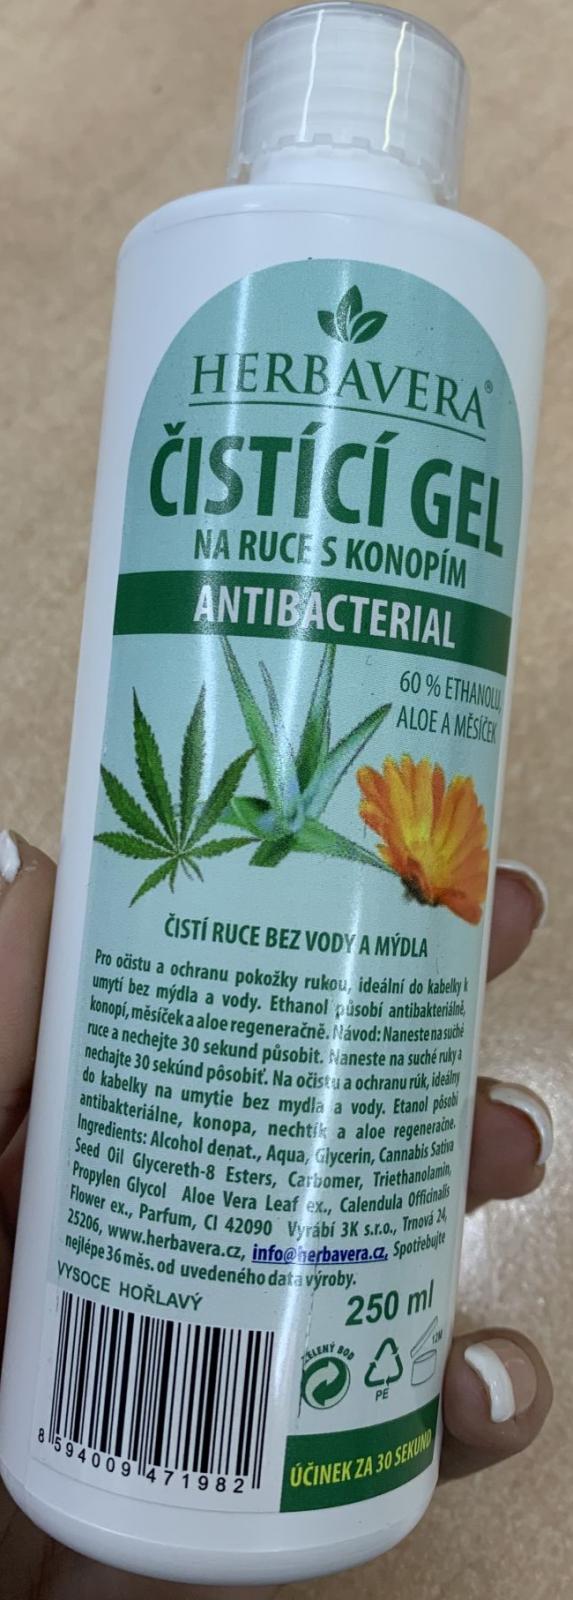 Antibakteriální gel na ruce o obsahu 250ml